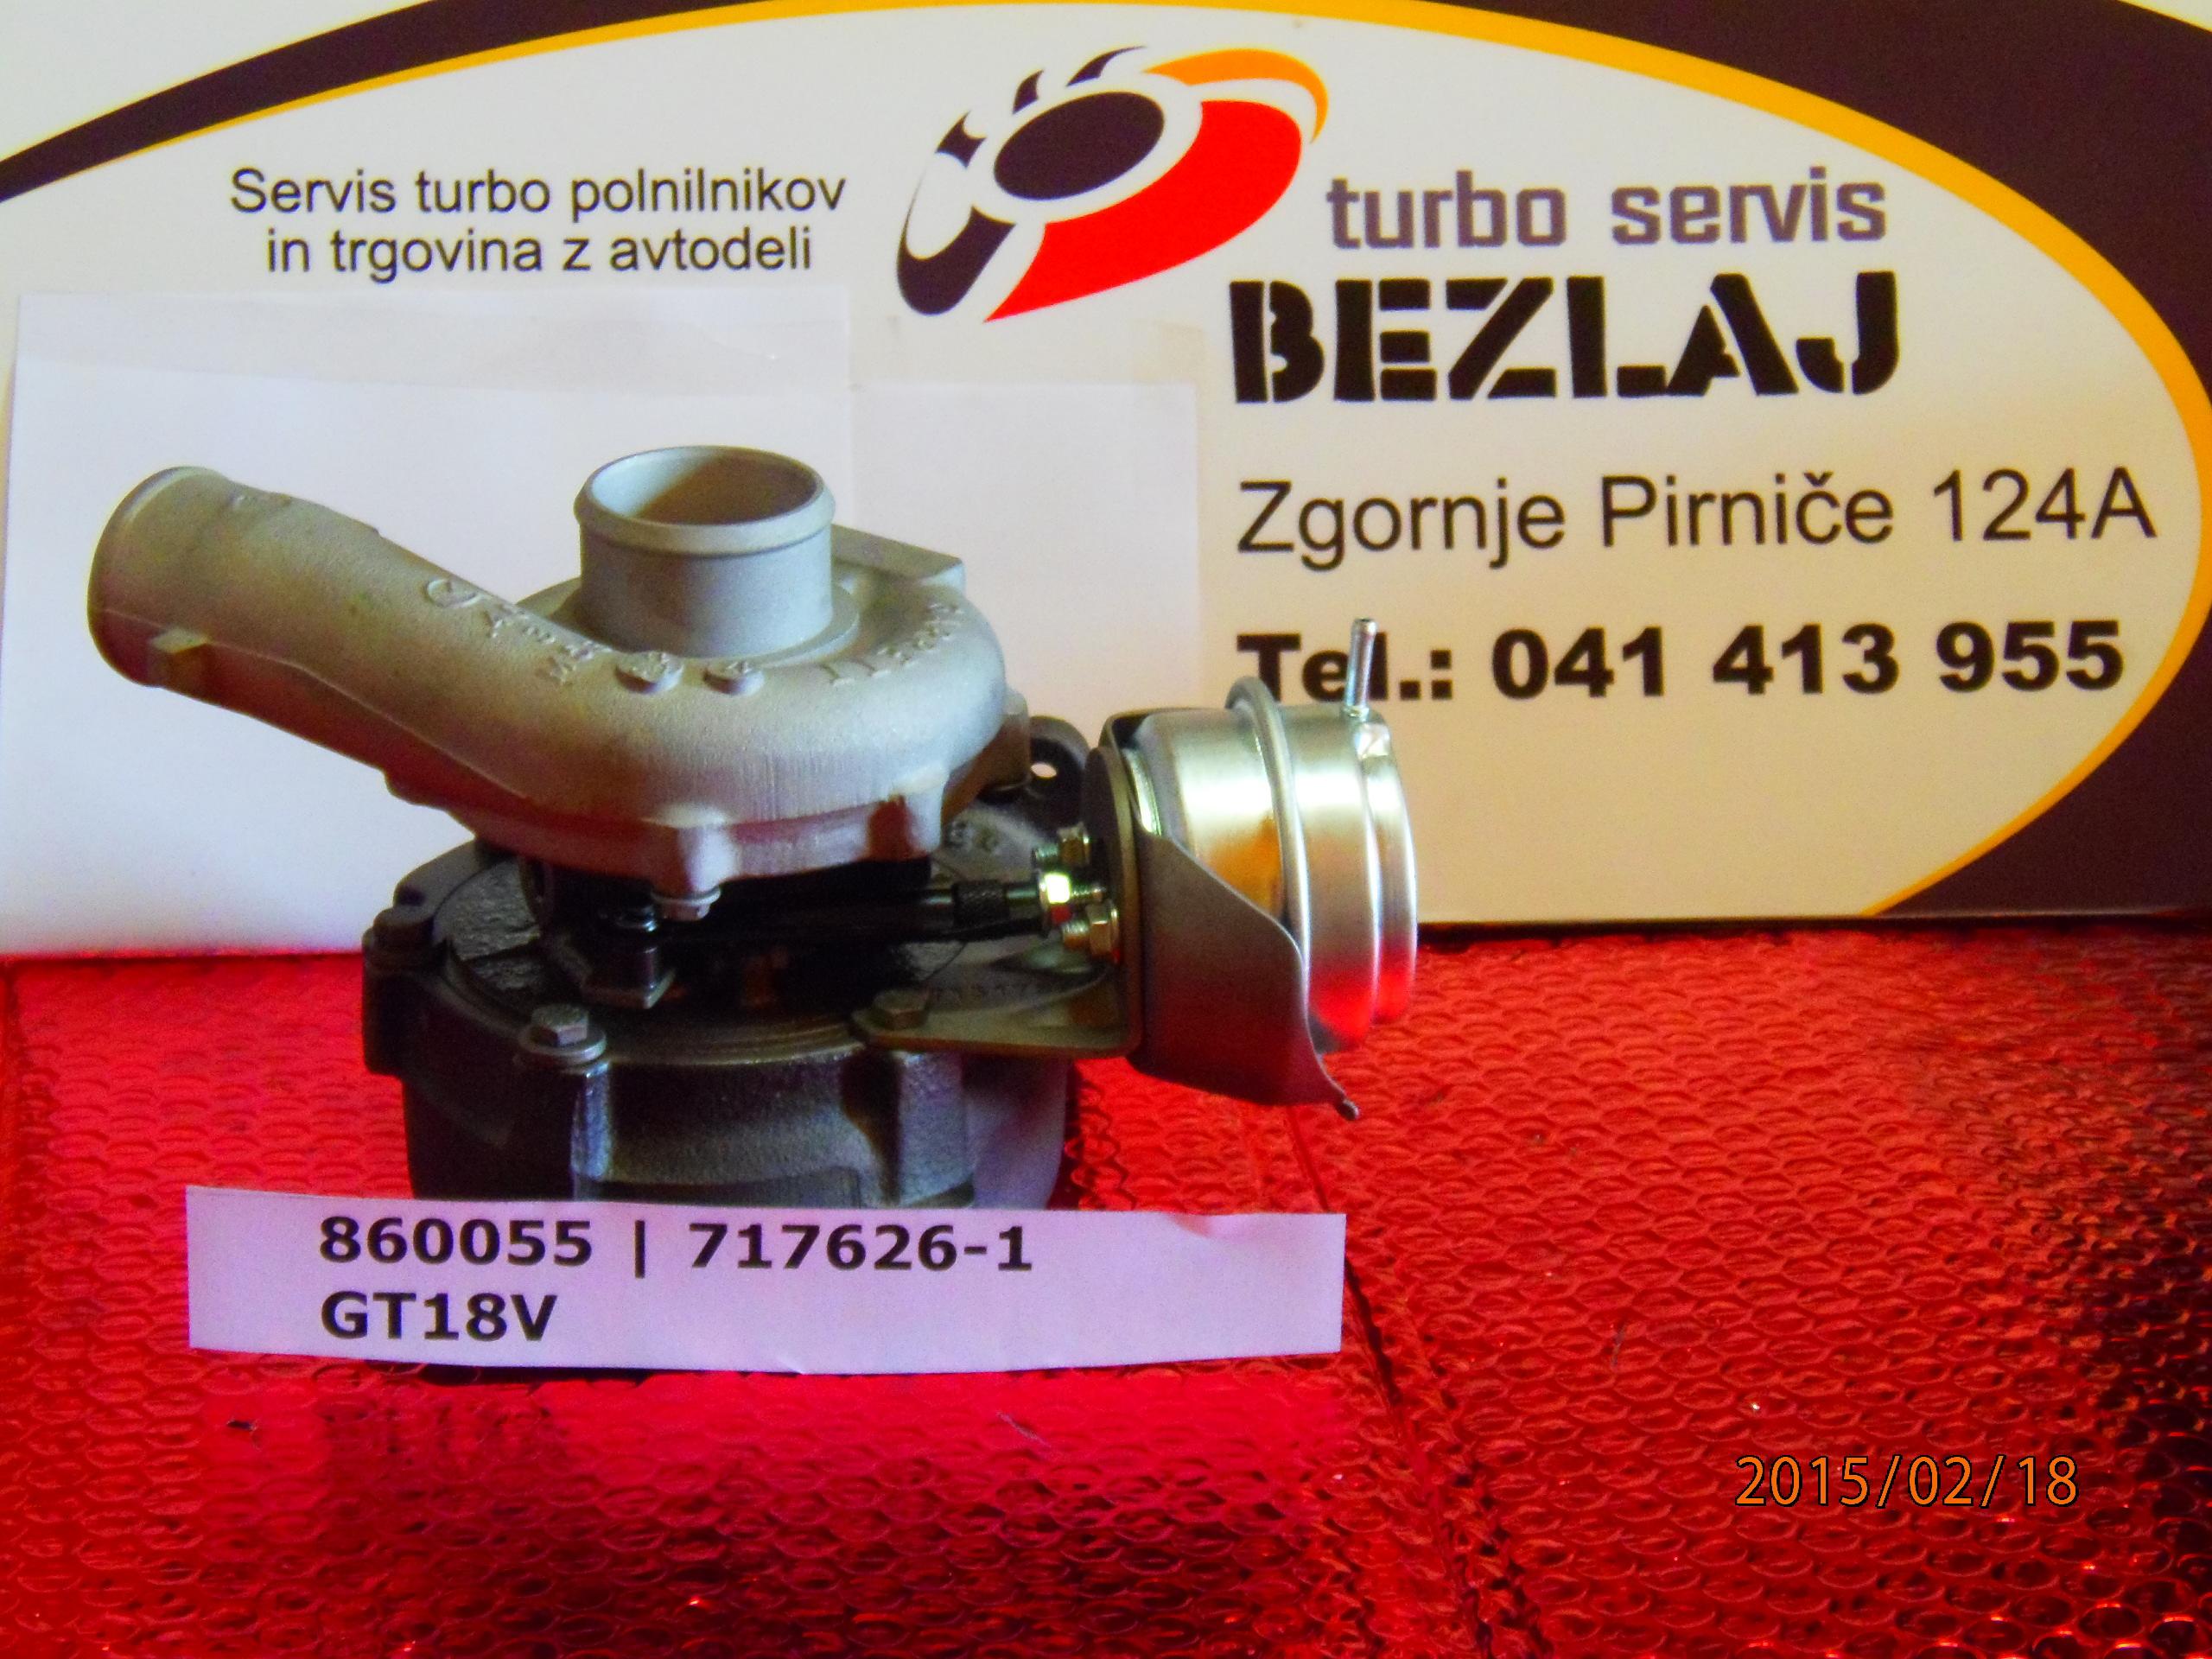 turbo717626-1 2